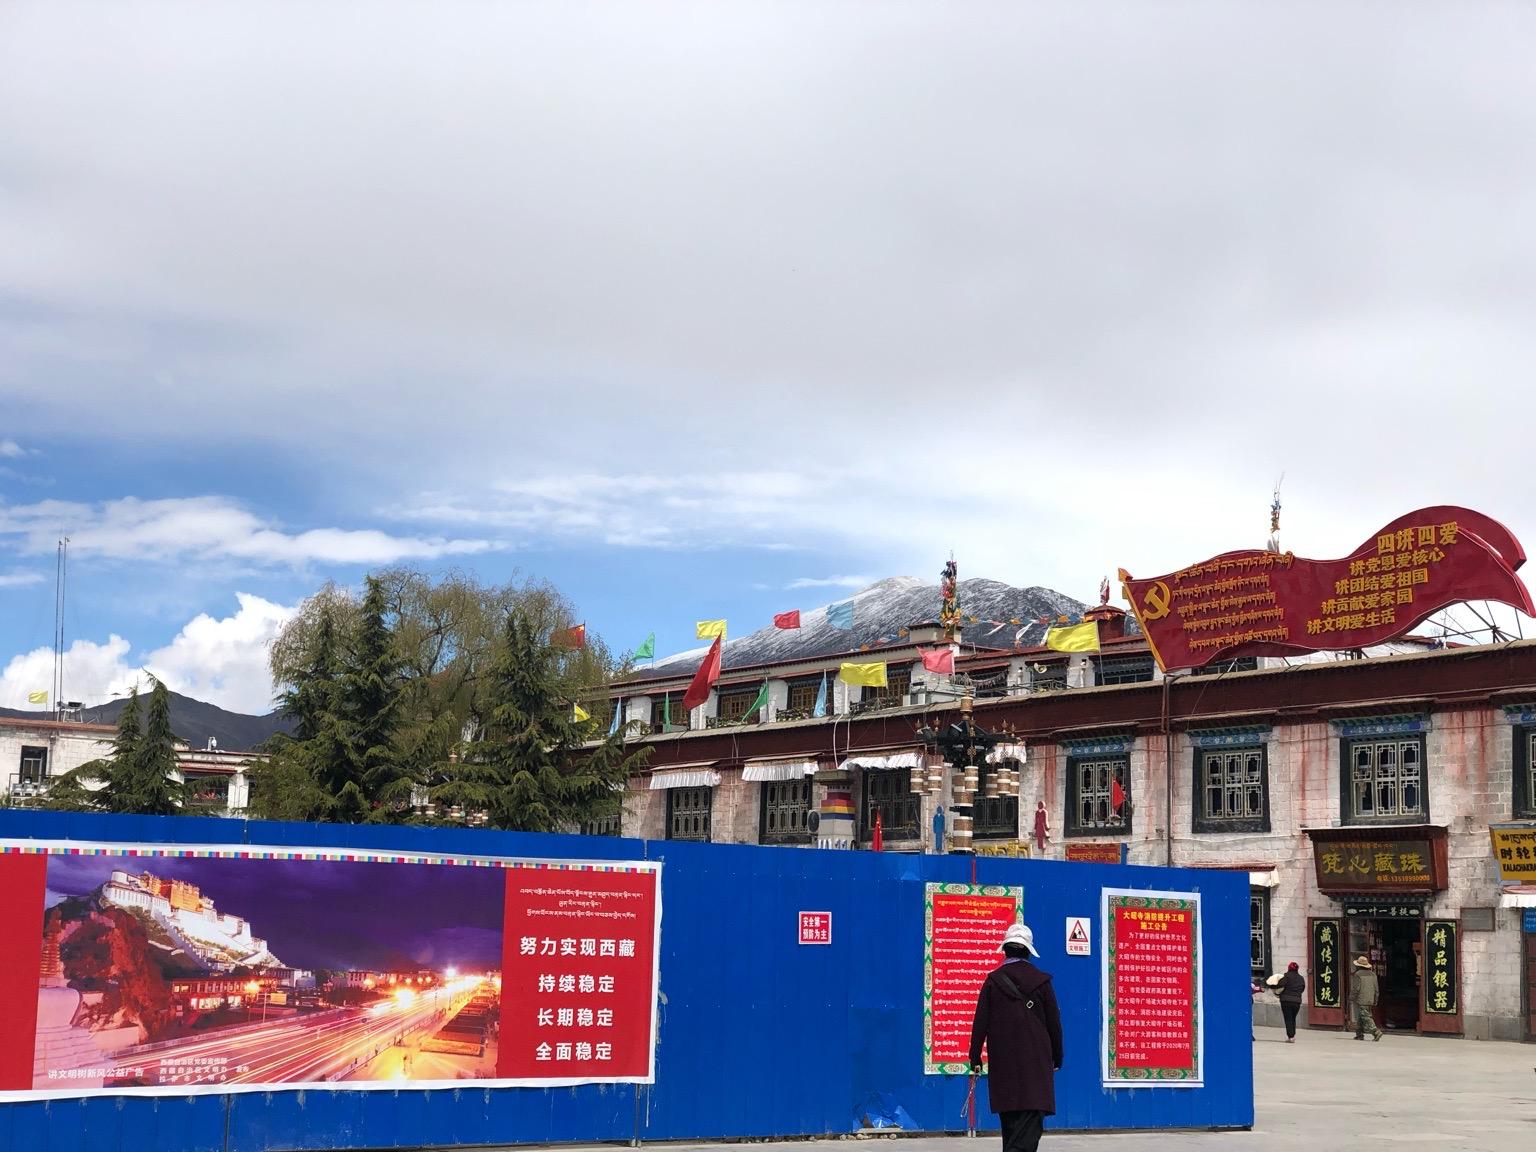 最近在大昭寺广场的藏式建筑上出现的仿文革语录牌。(唯色拍摄)